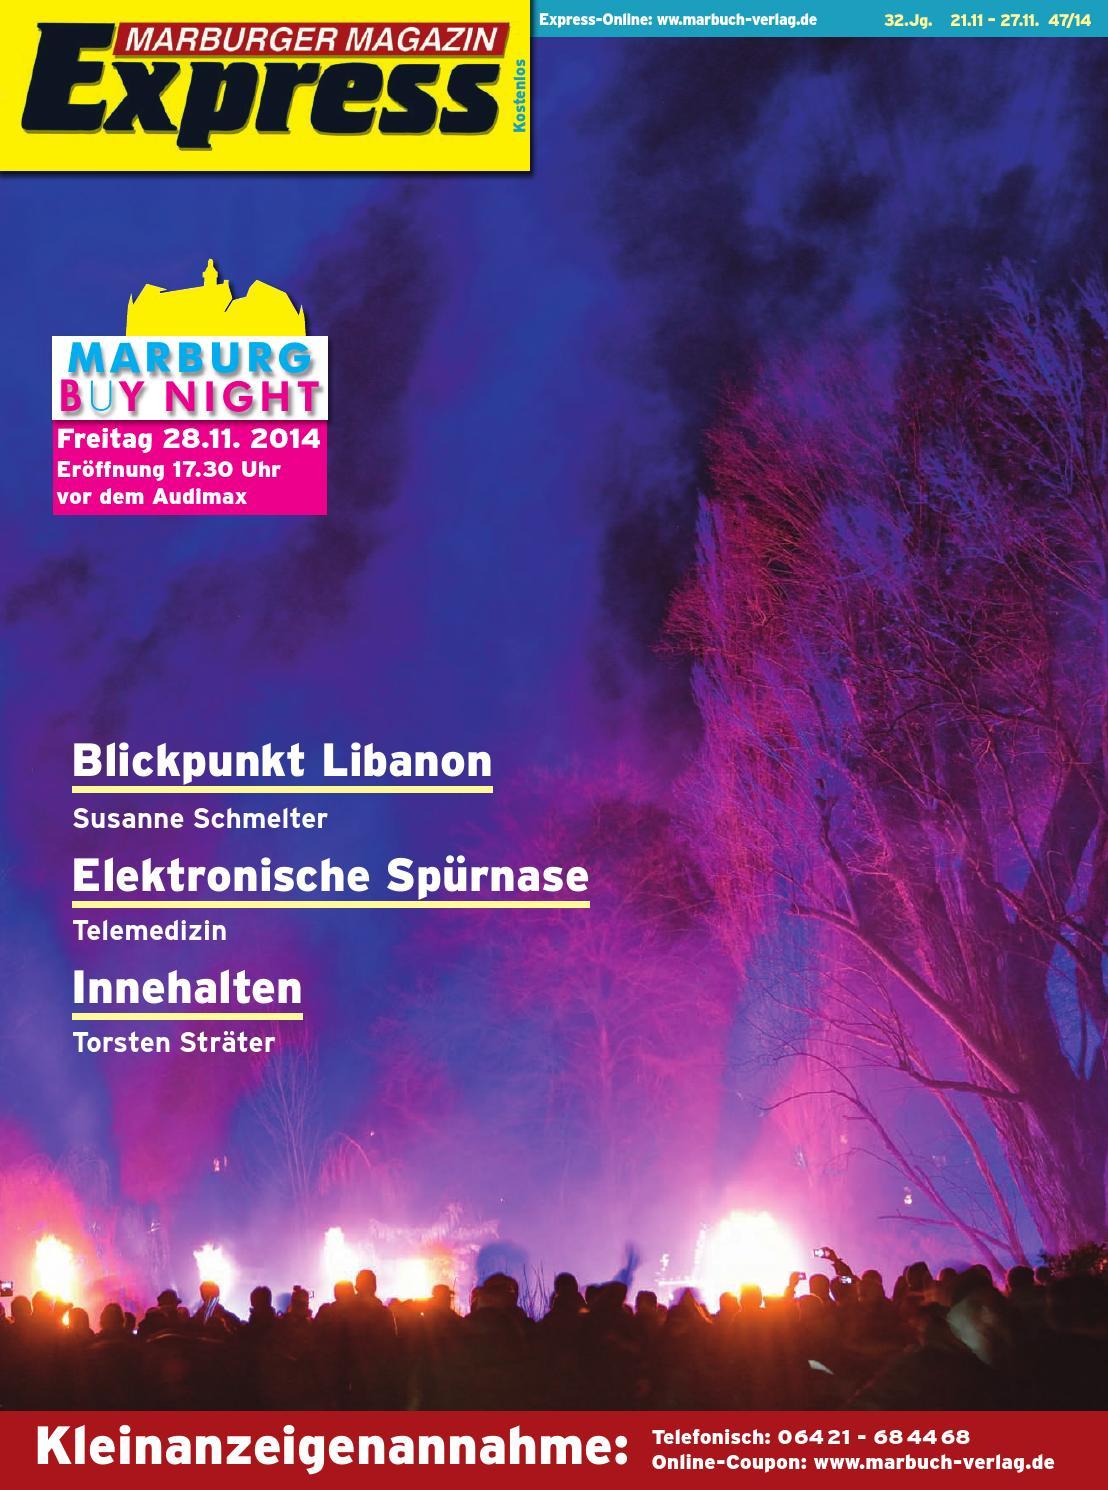 Marburger Magazin Express 47/2014 by Ulrich Butterweck - issuu